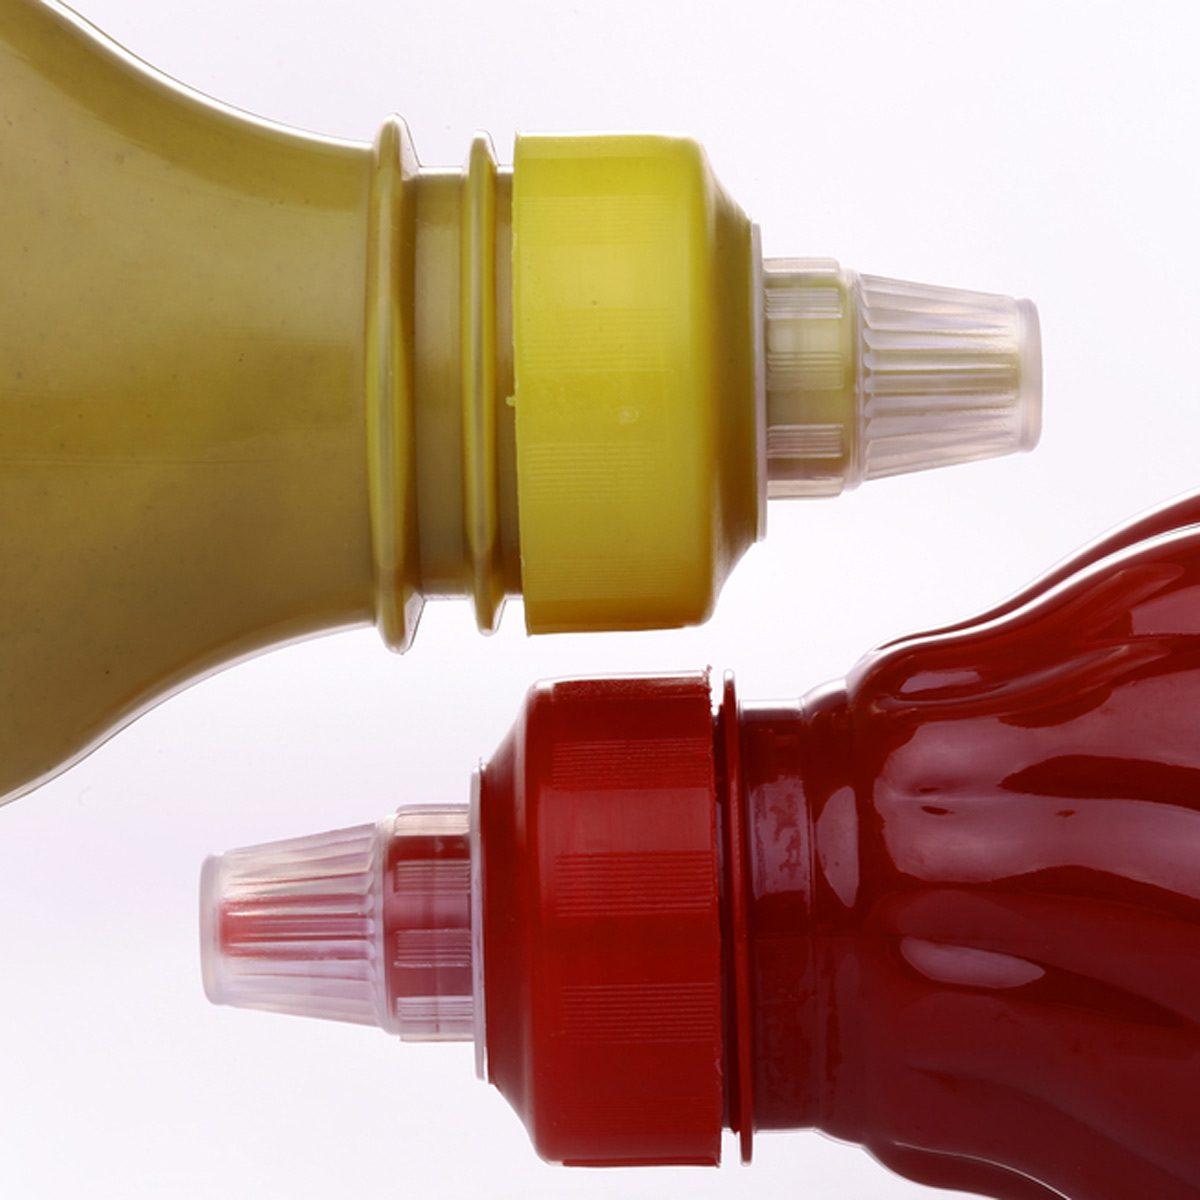 ketchup mustard condiments